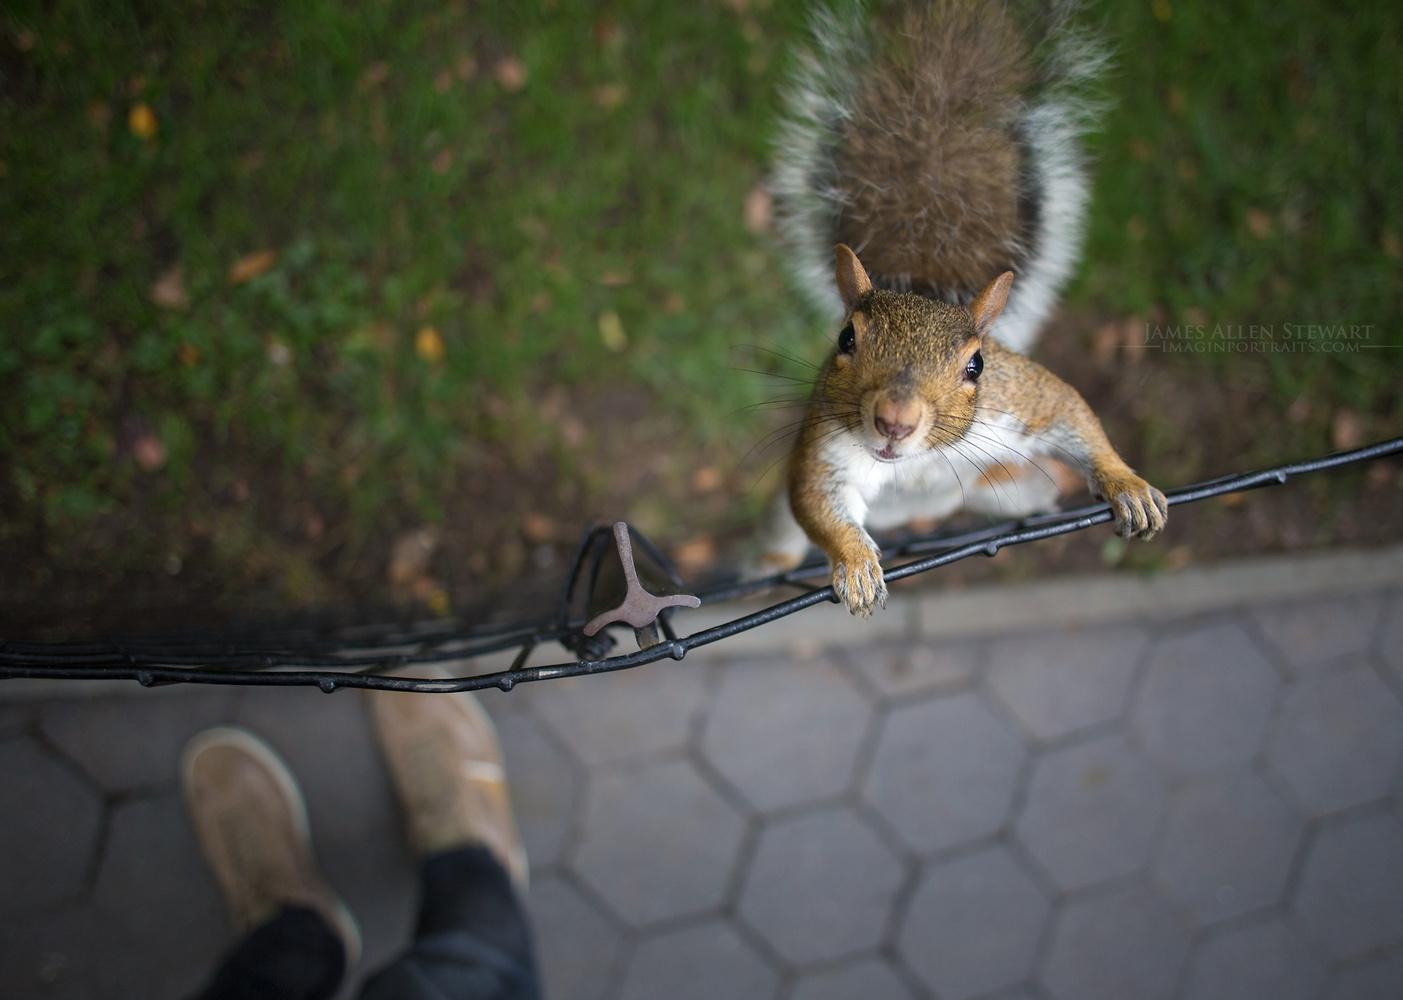 Hello Human! Got Nuts? by James Allen Stewart